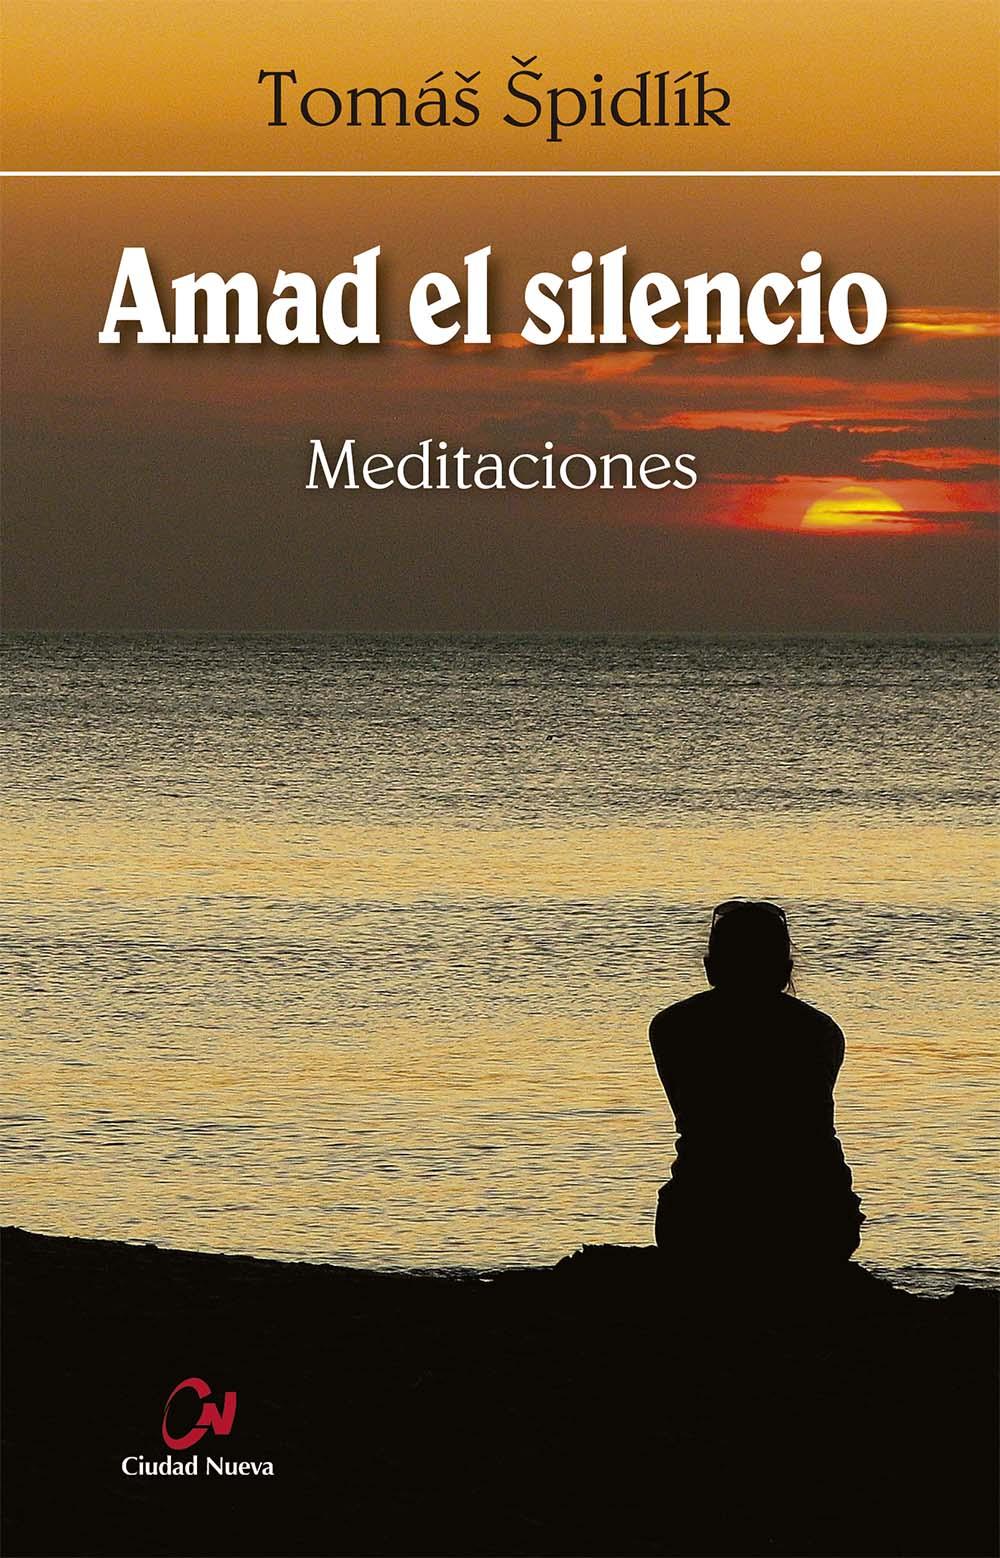 amad-el-silencio-meditaciones